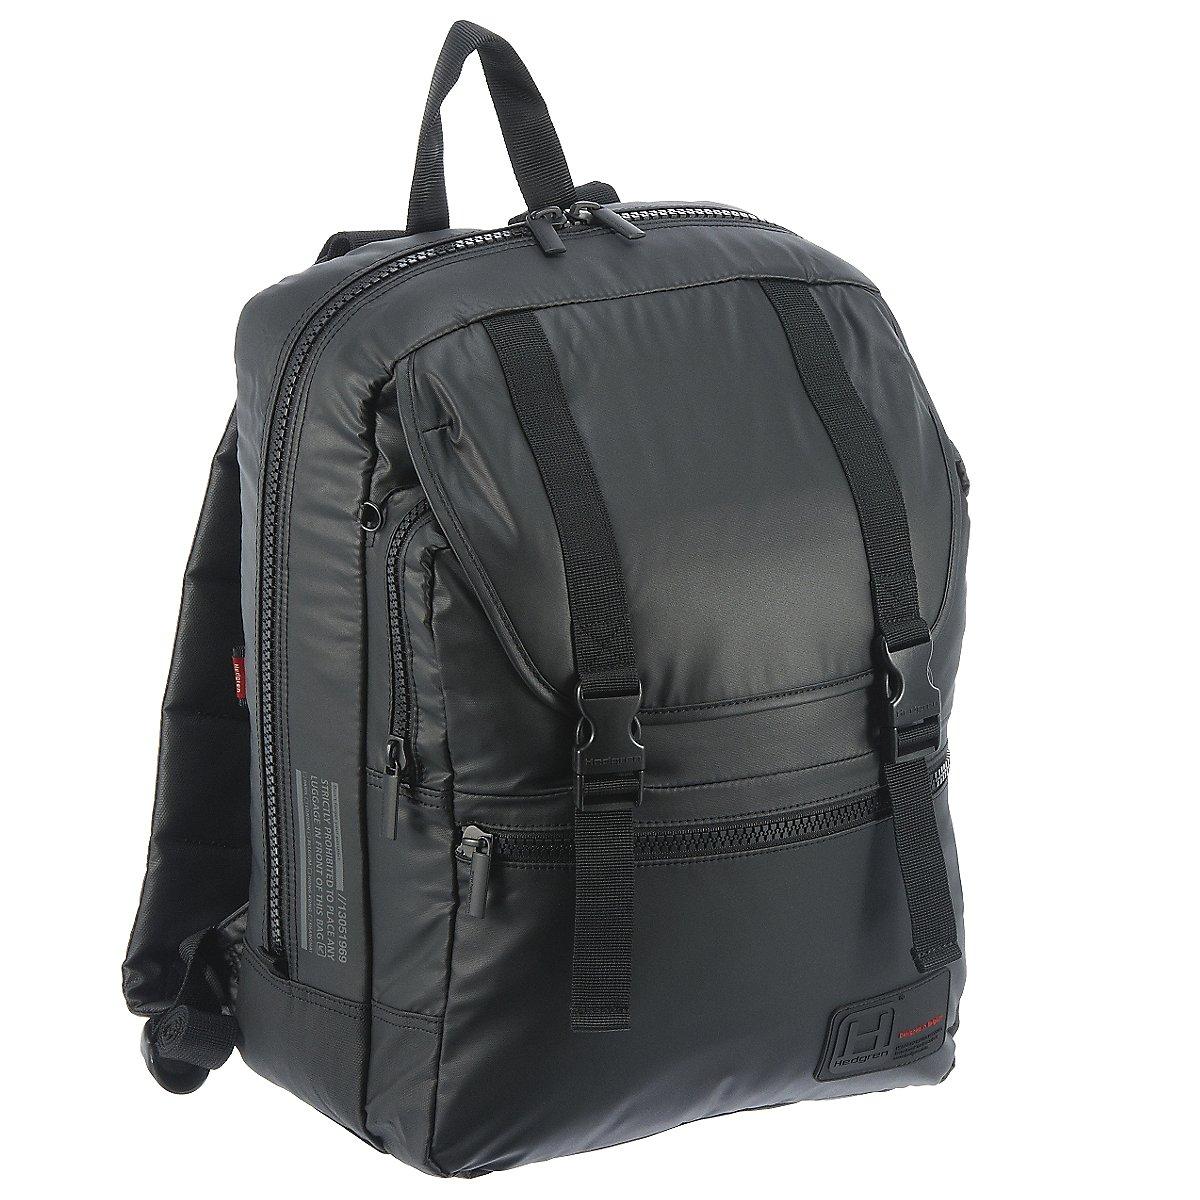 hedgren hype urge backpack rucksack mit laptopfach 40 cm koffer. Black Bedroom Furniture Sets. Home Design Ideas